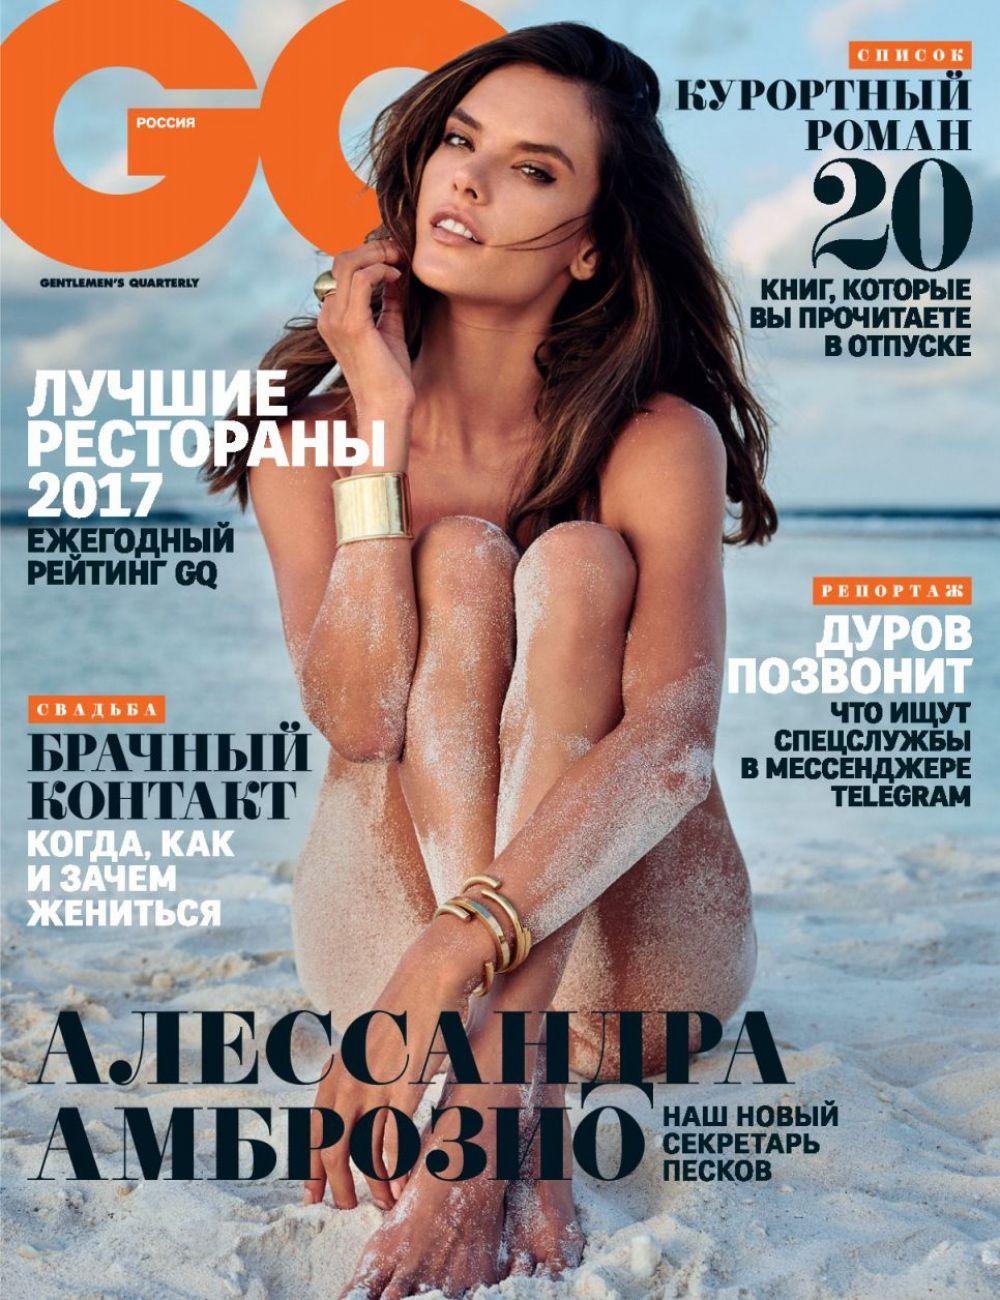 ALESSANDRA AMBROSIO in GQ Magazine, Russia September 2017